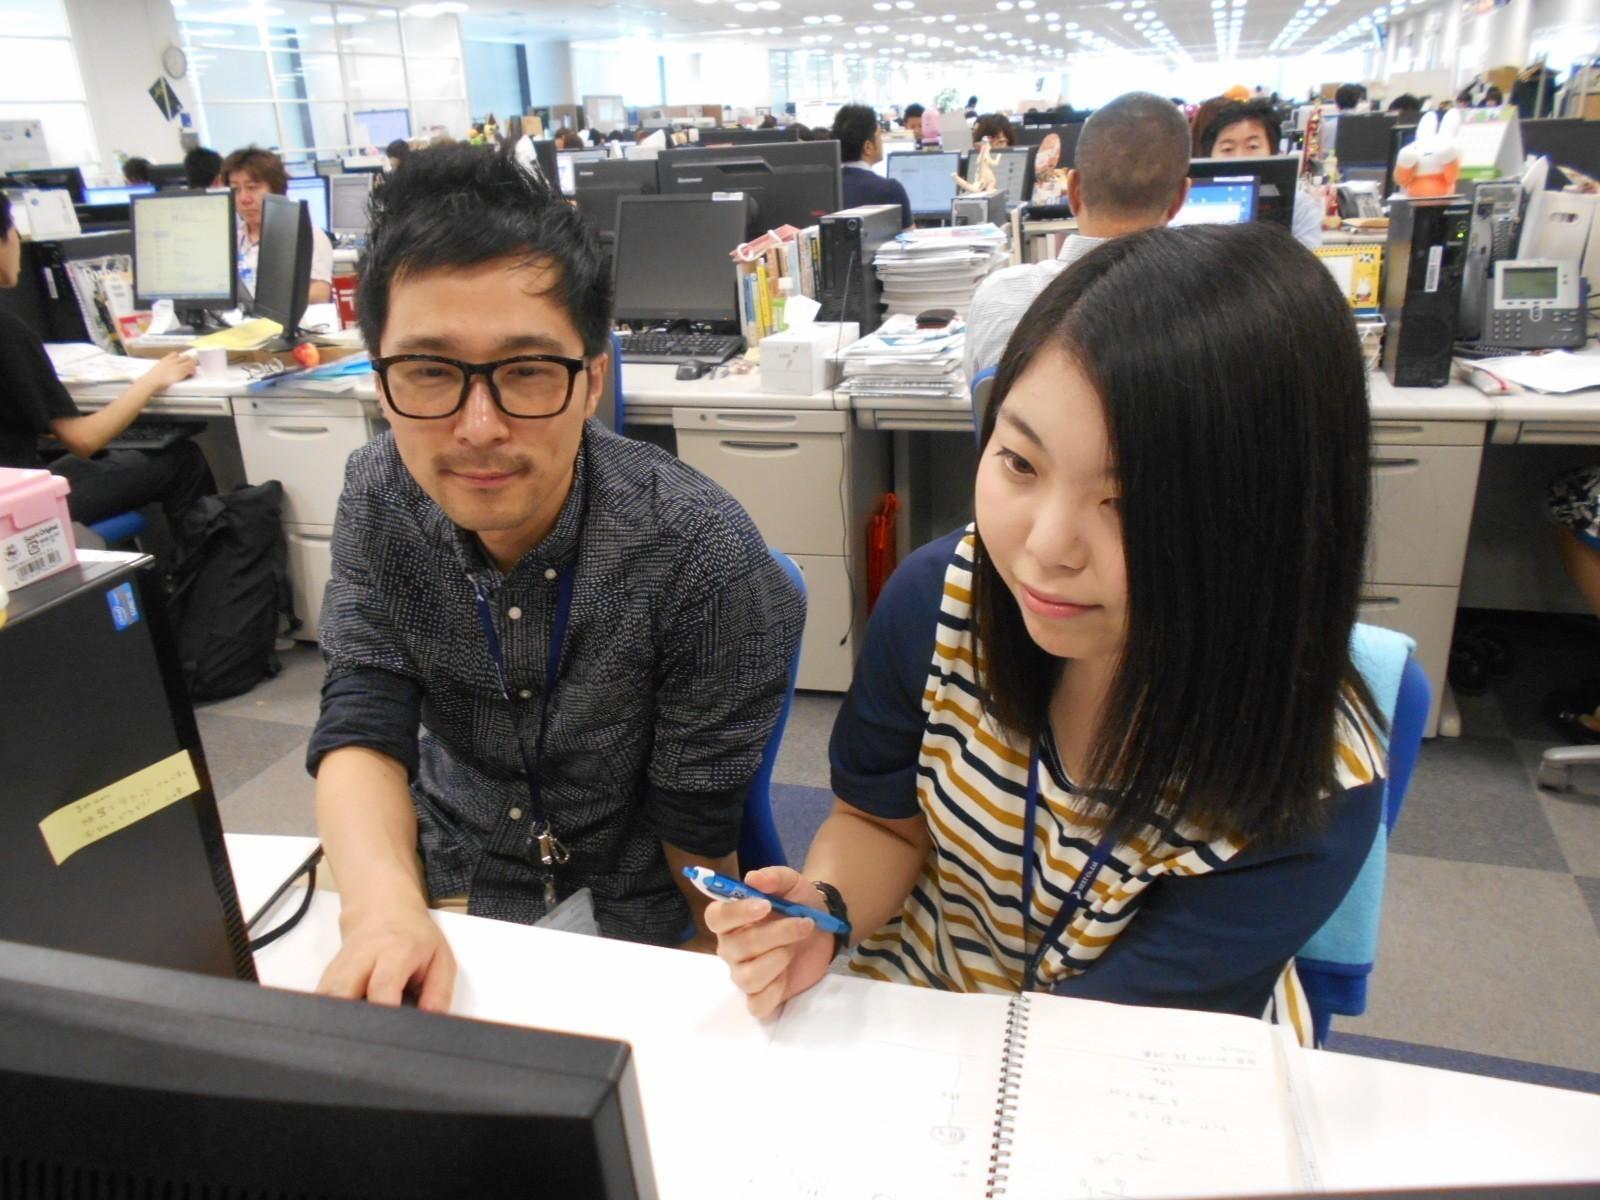 日本最大級の不動産・住宅情報サイト「LIFULL HOME'S」の新築分譲戸建てや中古不動産領域のサービス開発を担う組織にて活躍してくれるエンジニアを募集!